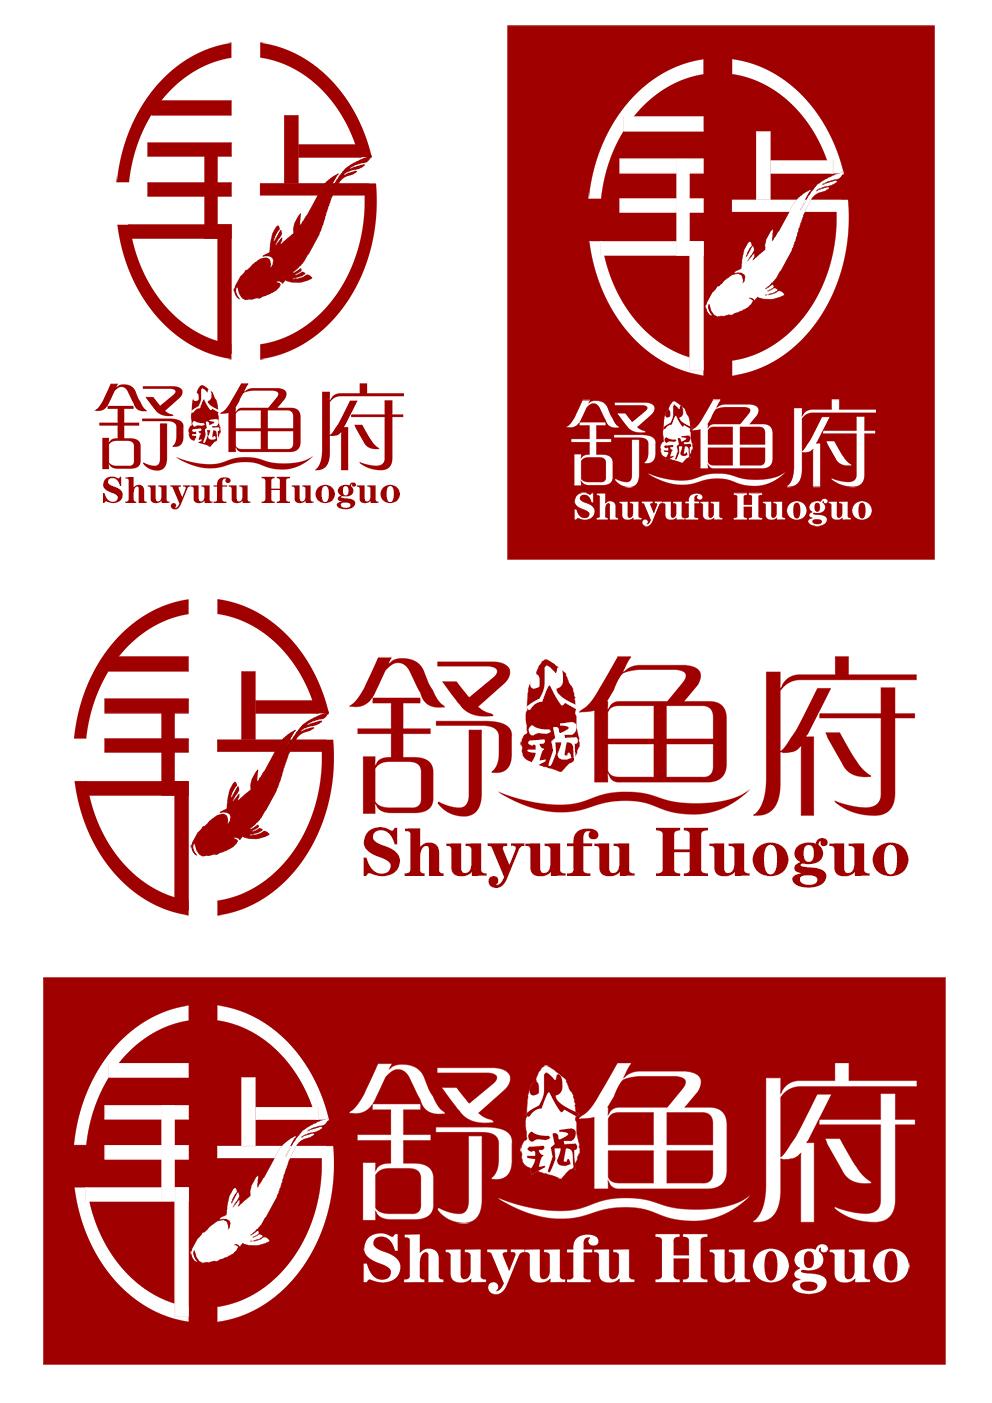 征集logo设计